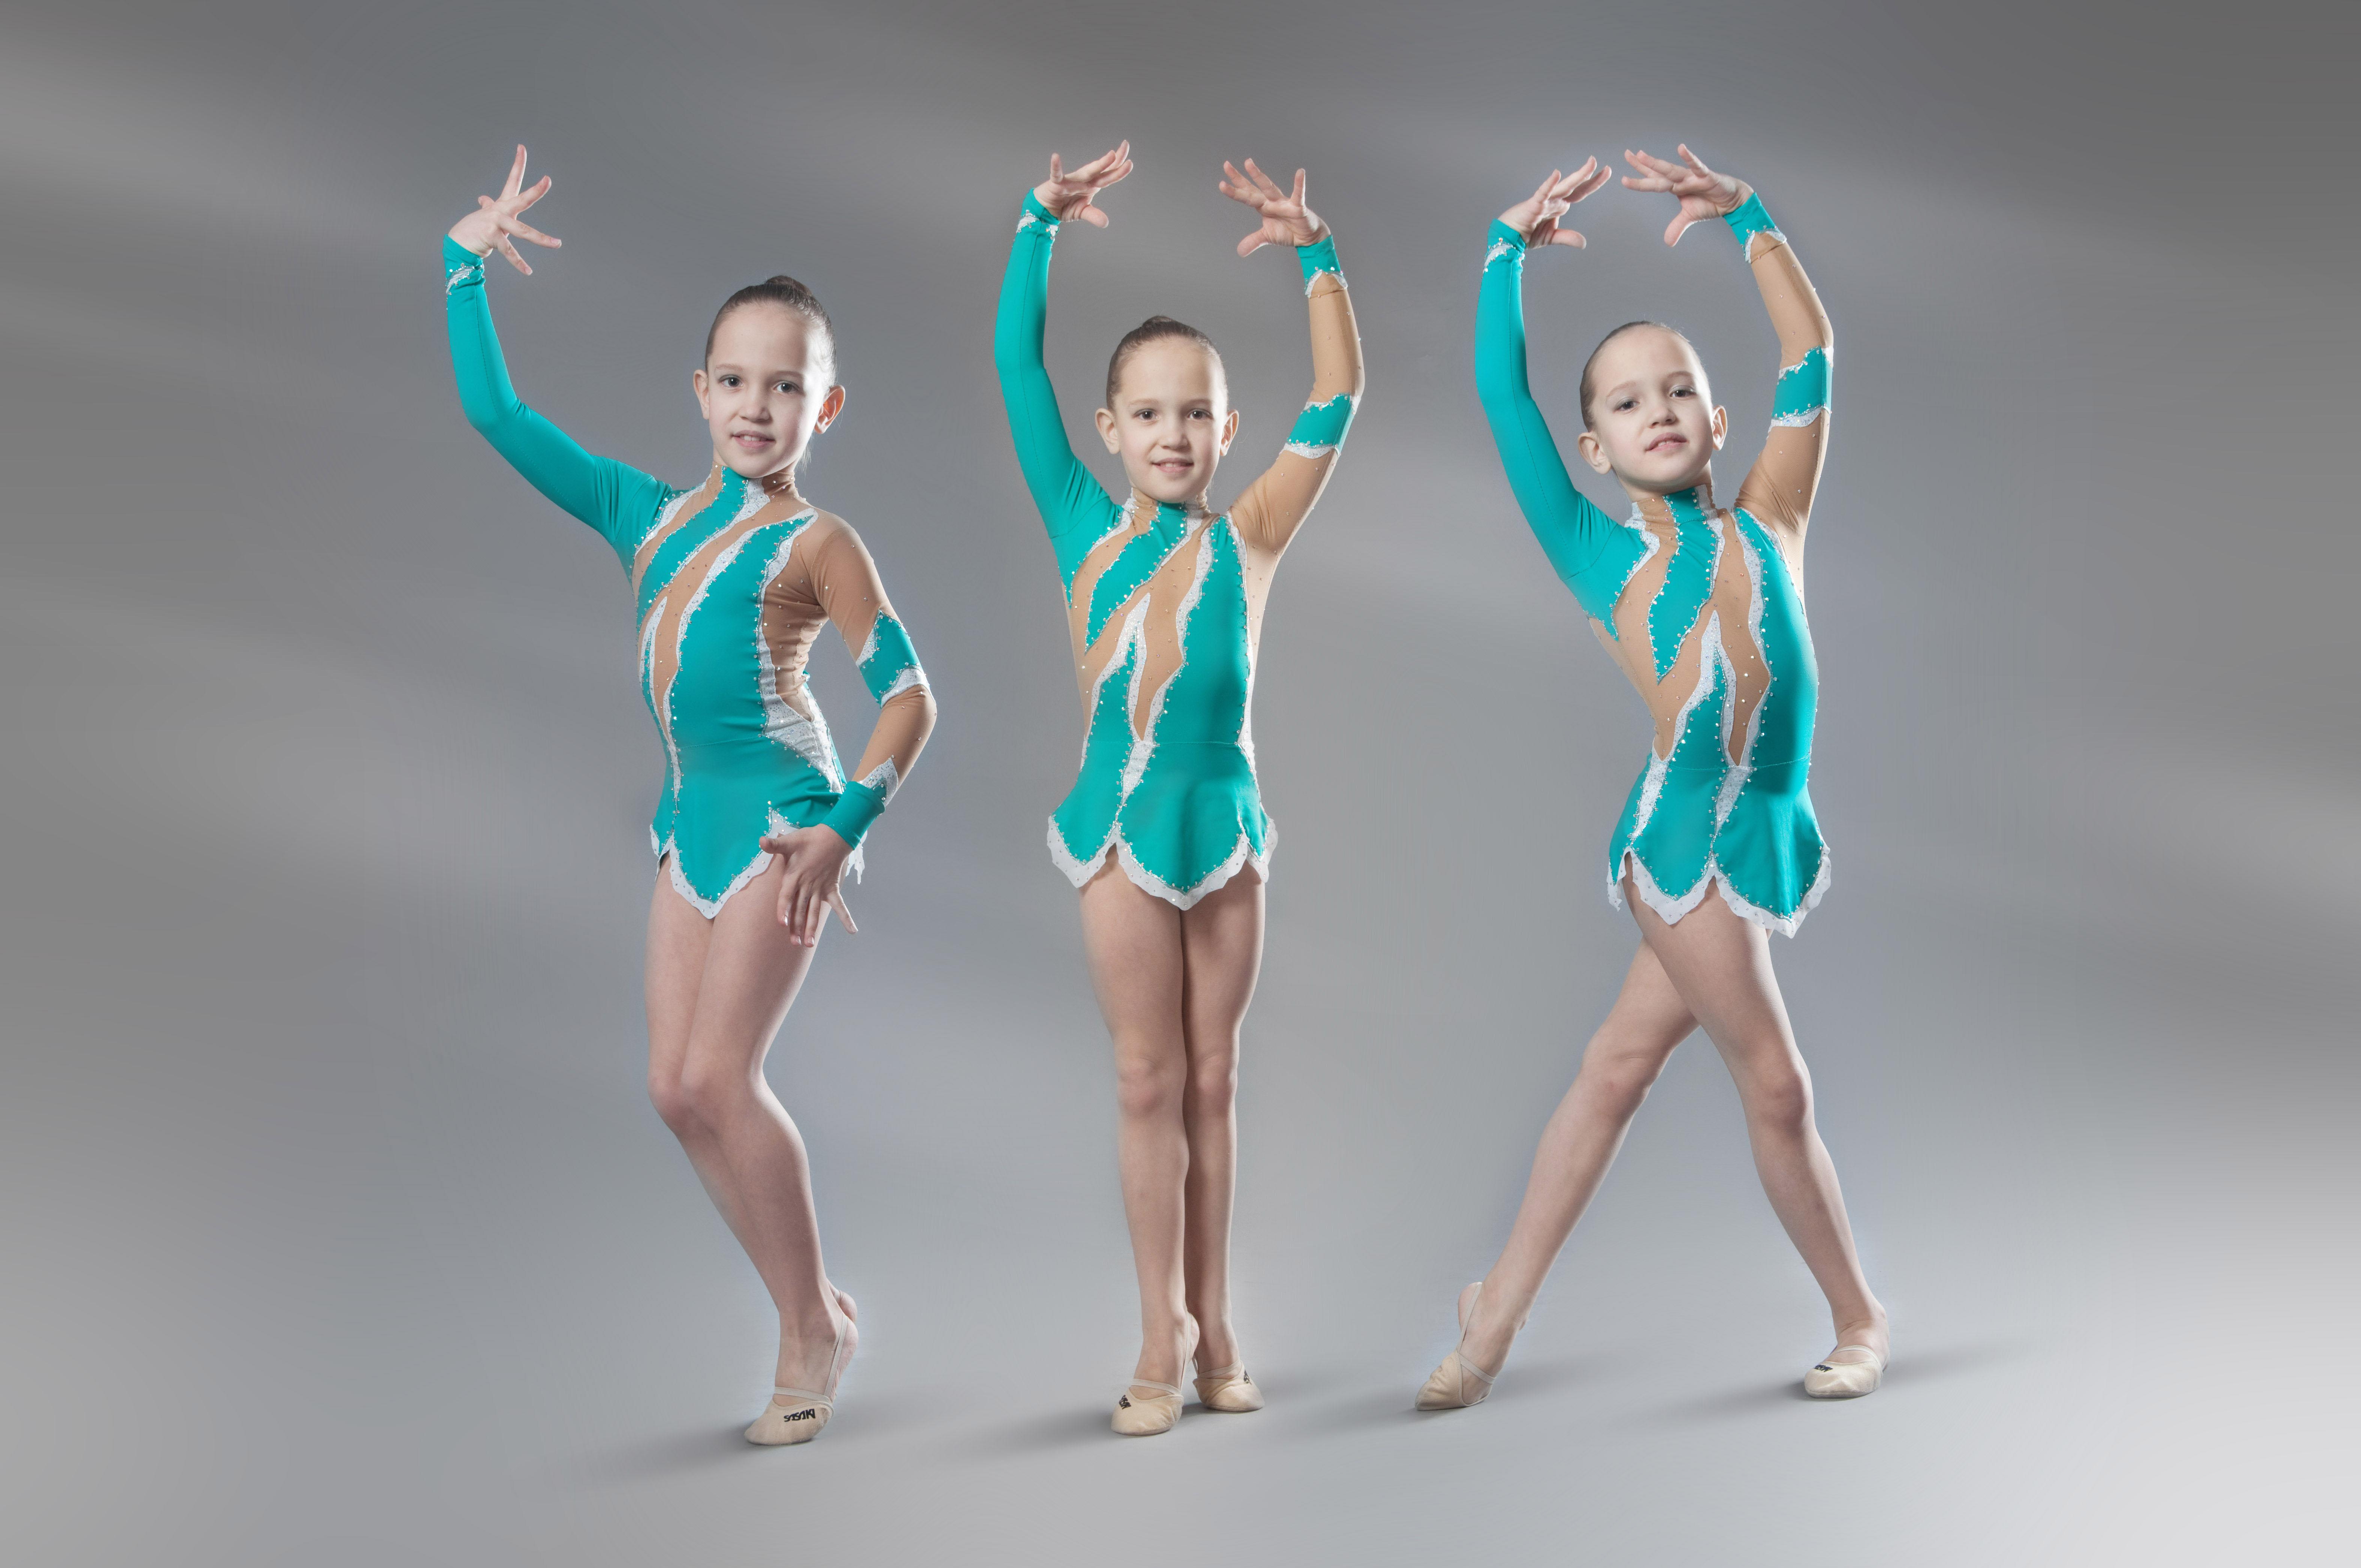 Фотосессия костюмов гимнасток 3 фотография